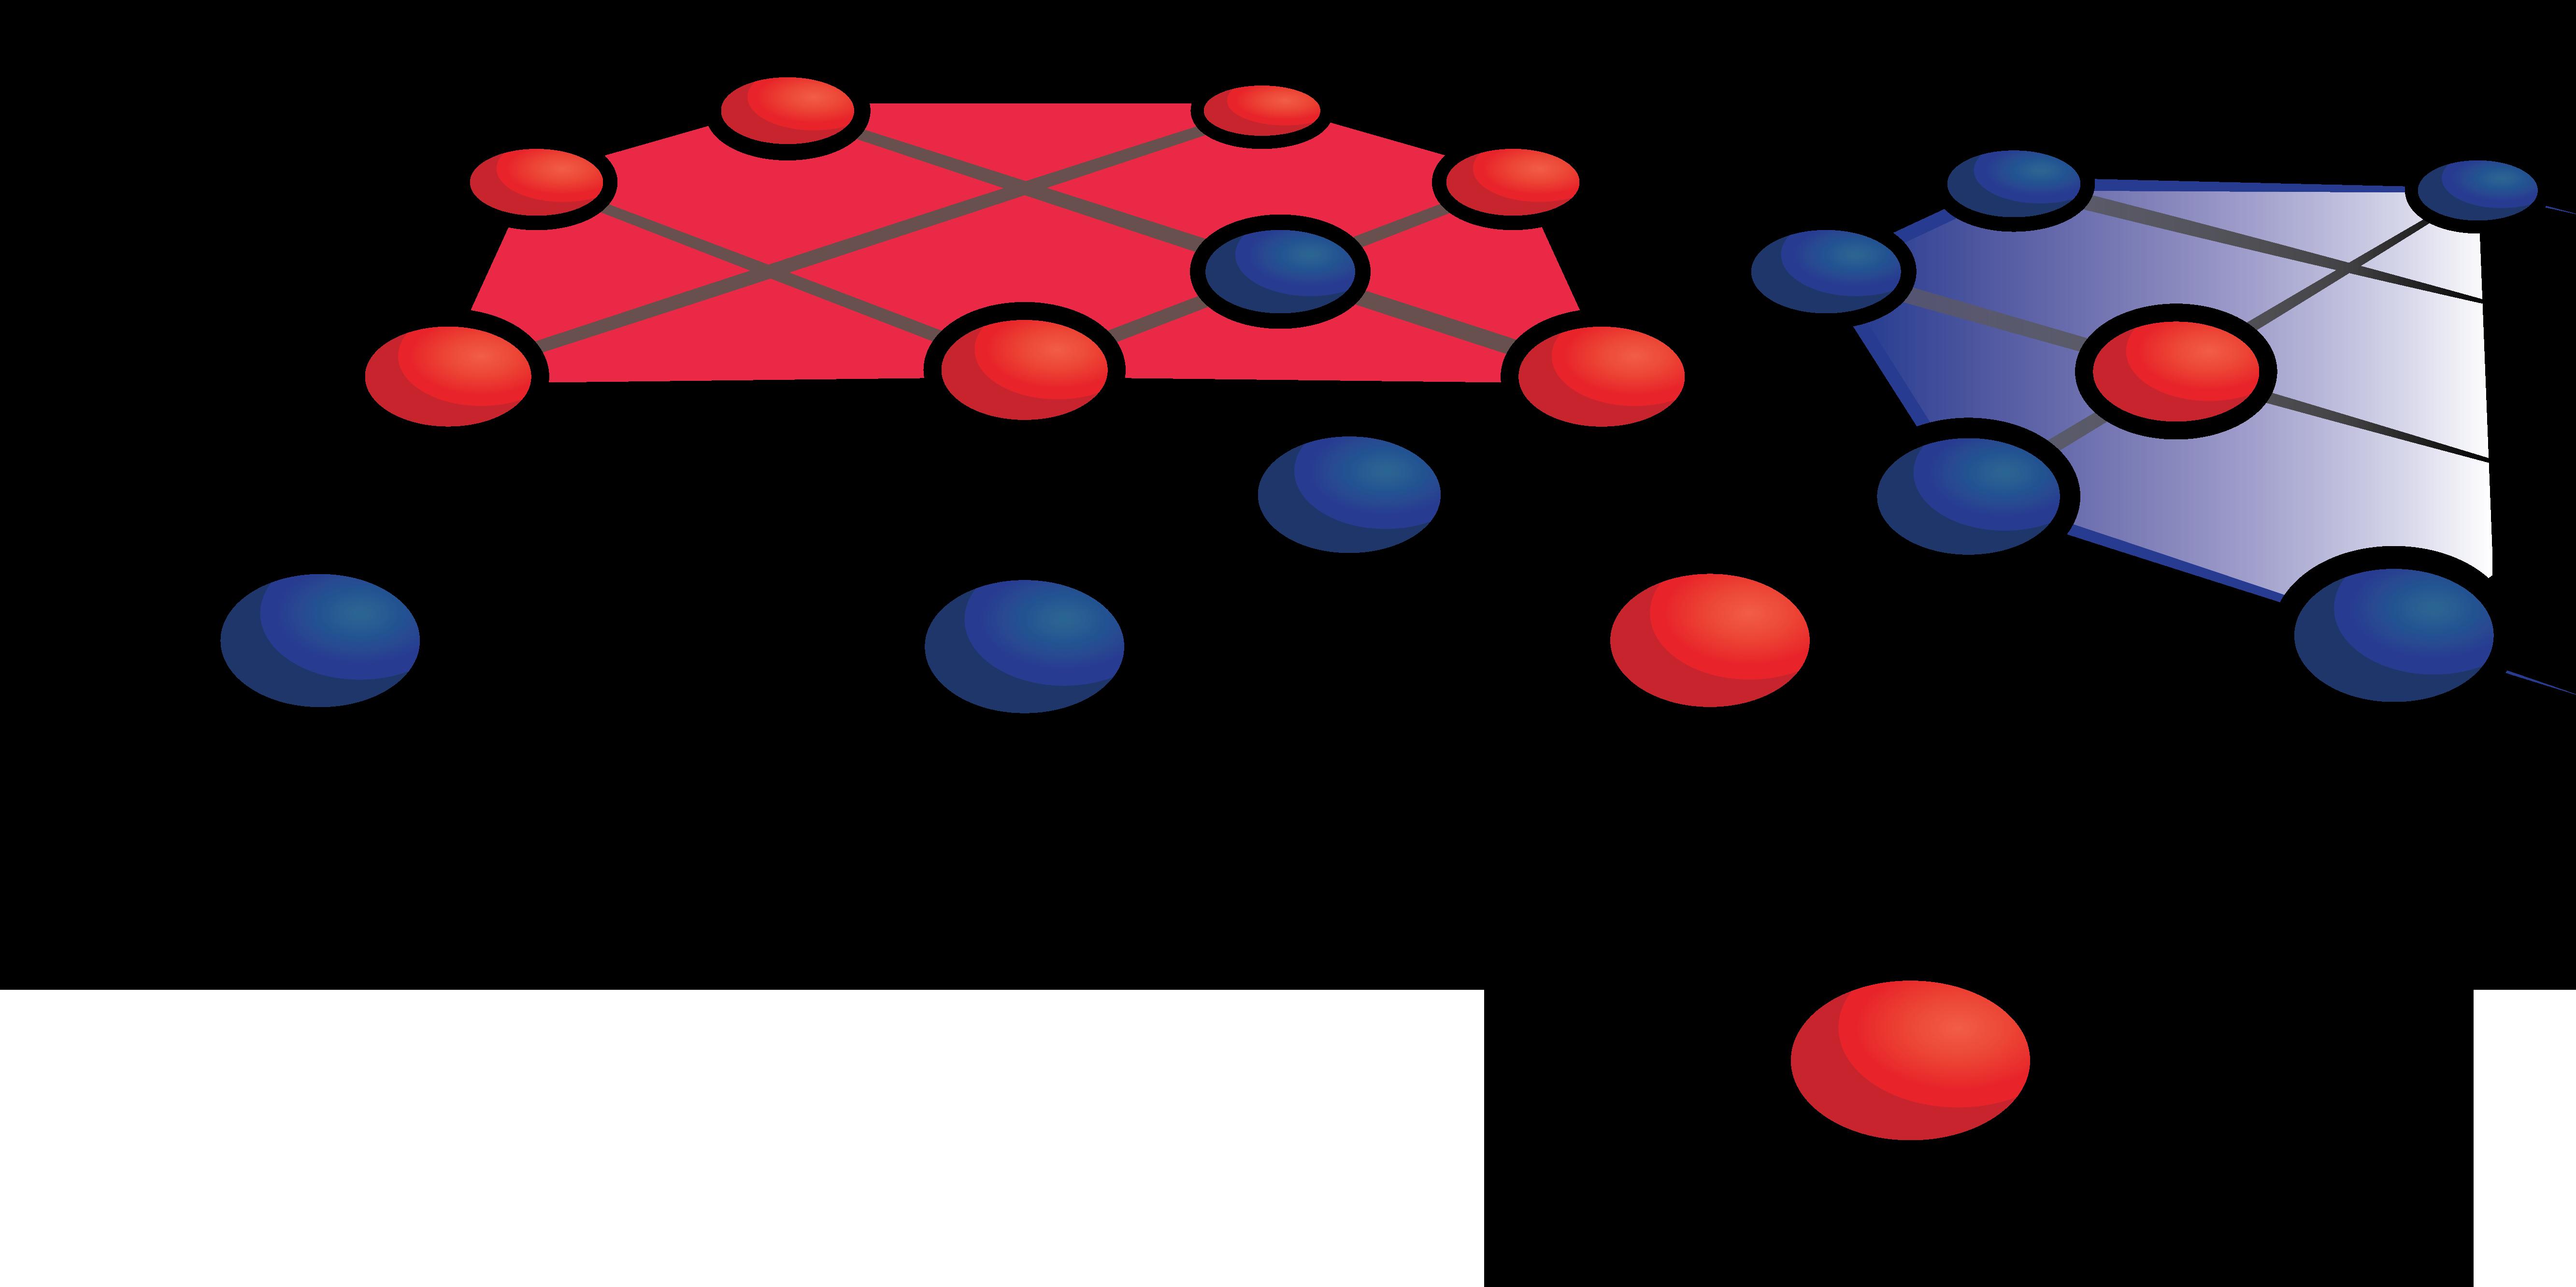 Стилизованная графика